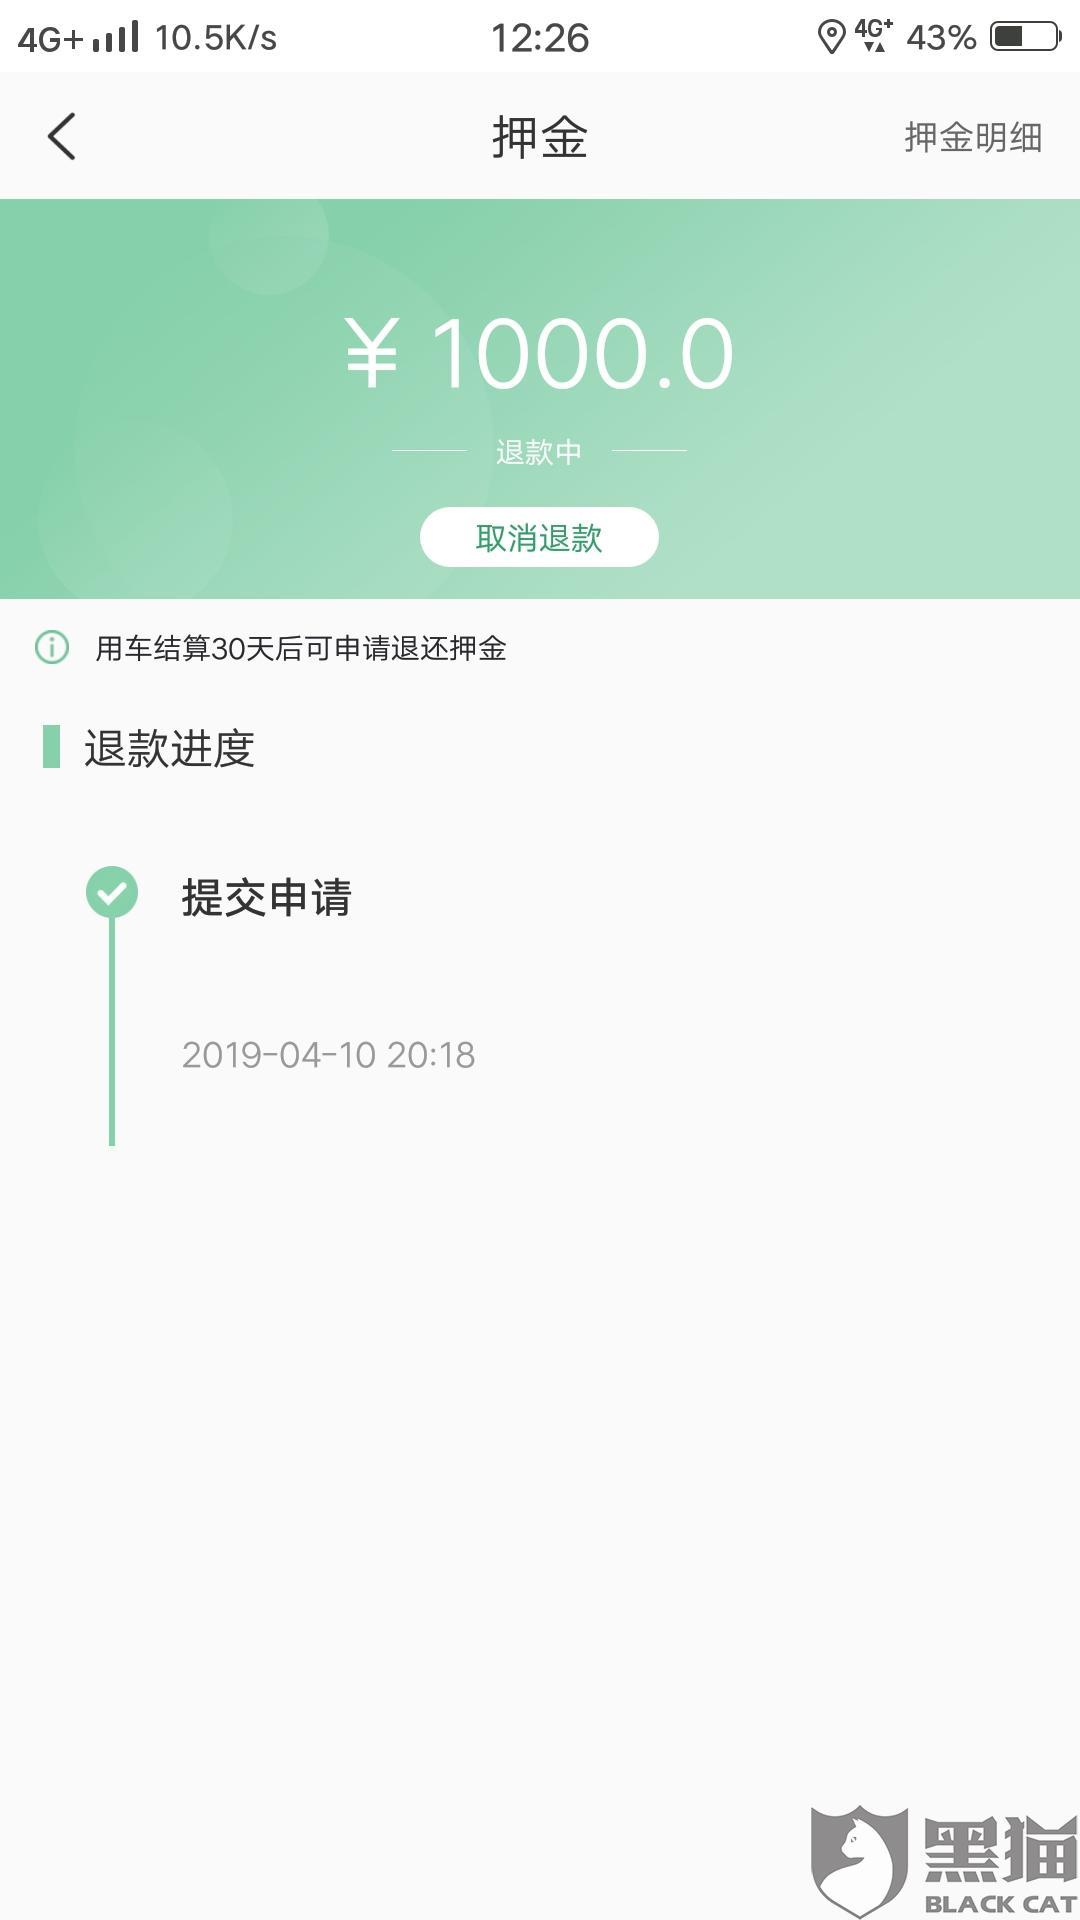 黑猫投诉:盼达用车不退还消费者押金(已解决)